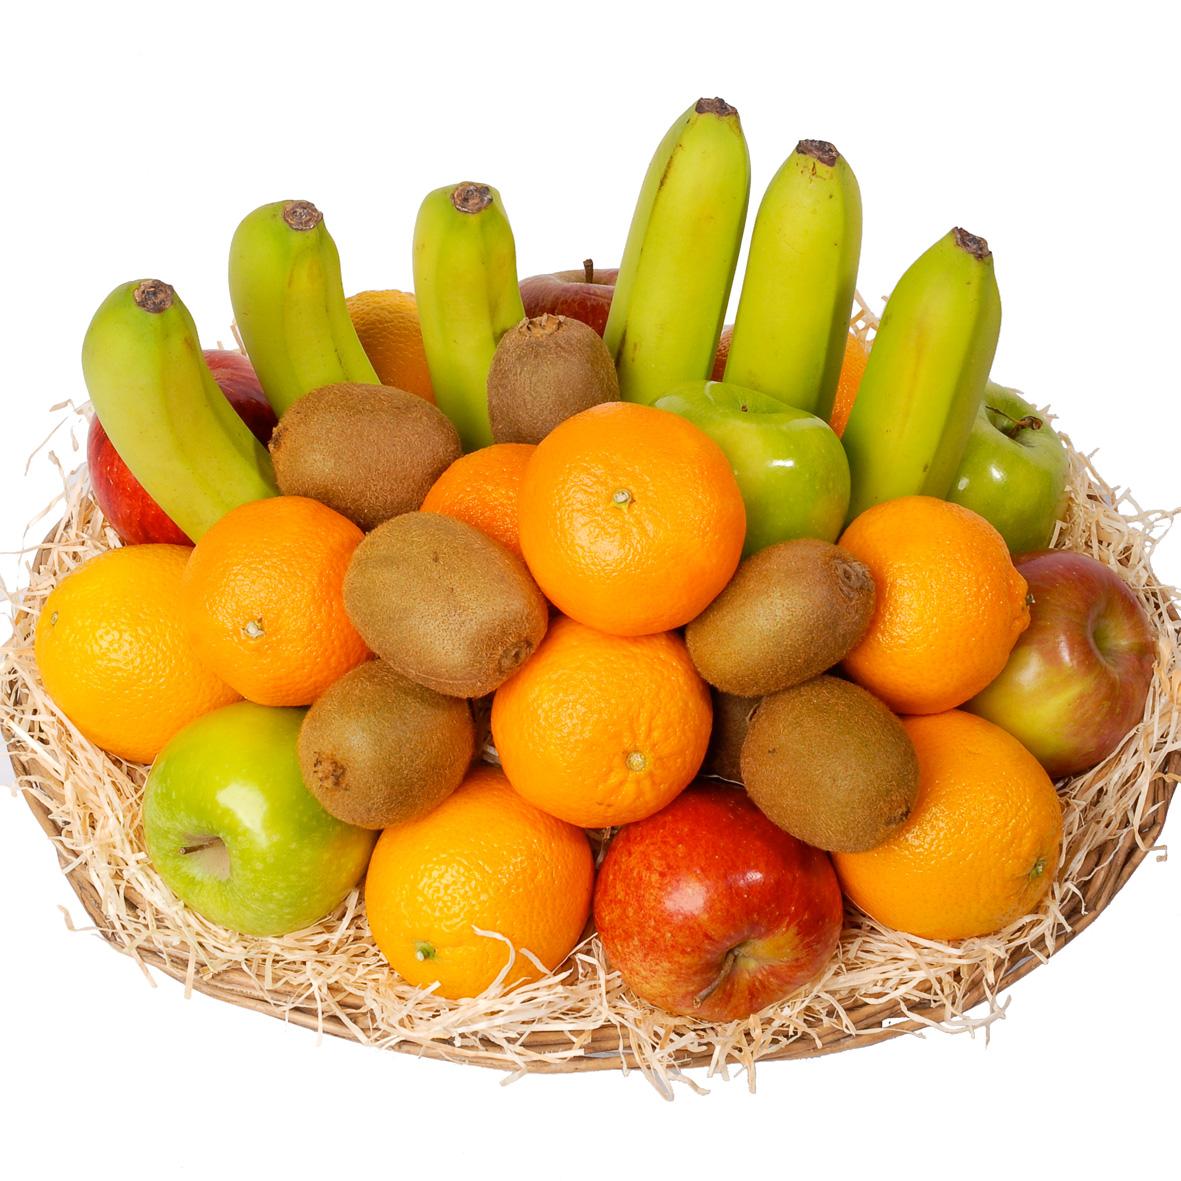 Personeels Fruitmand V/a 6 personen